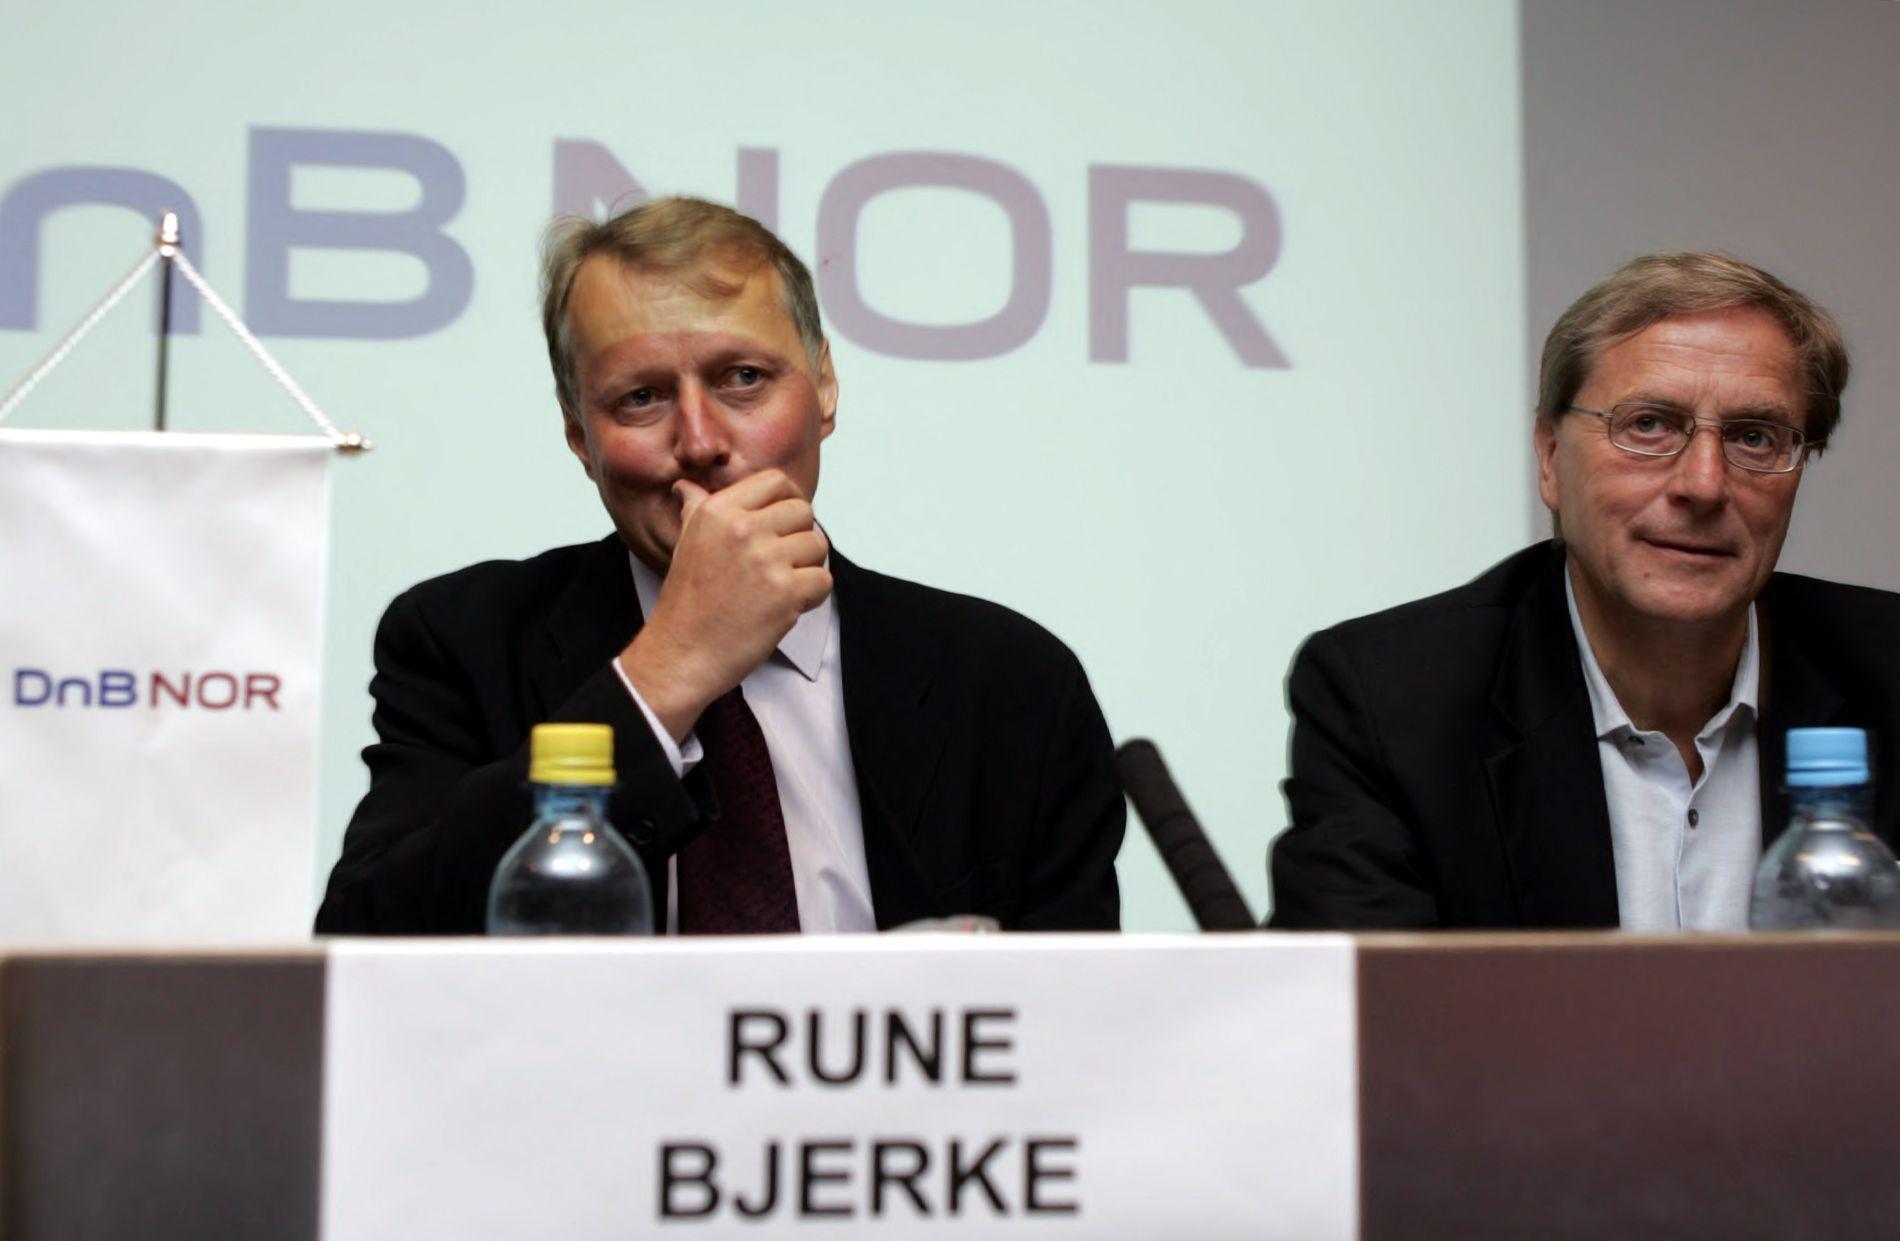 SJEFEN: Rune Bjerke (t.v.) ble presentert som ny konsernsjef i DNB sommeren 2006. Her er han sammen med tidligere konsernsjef, Svein Aaser.